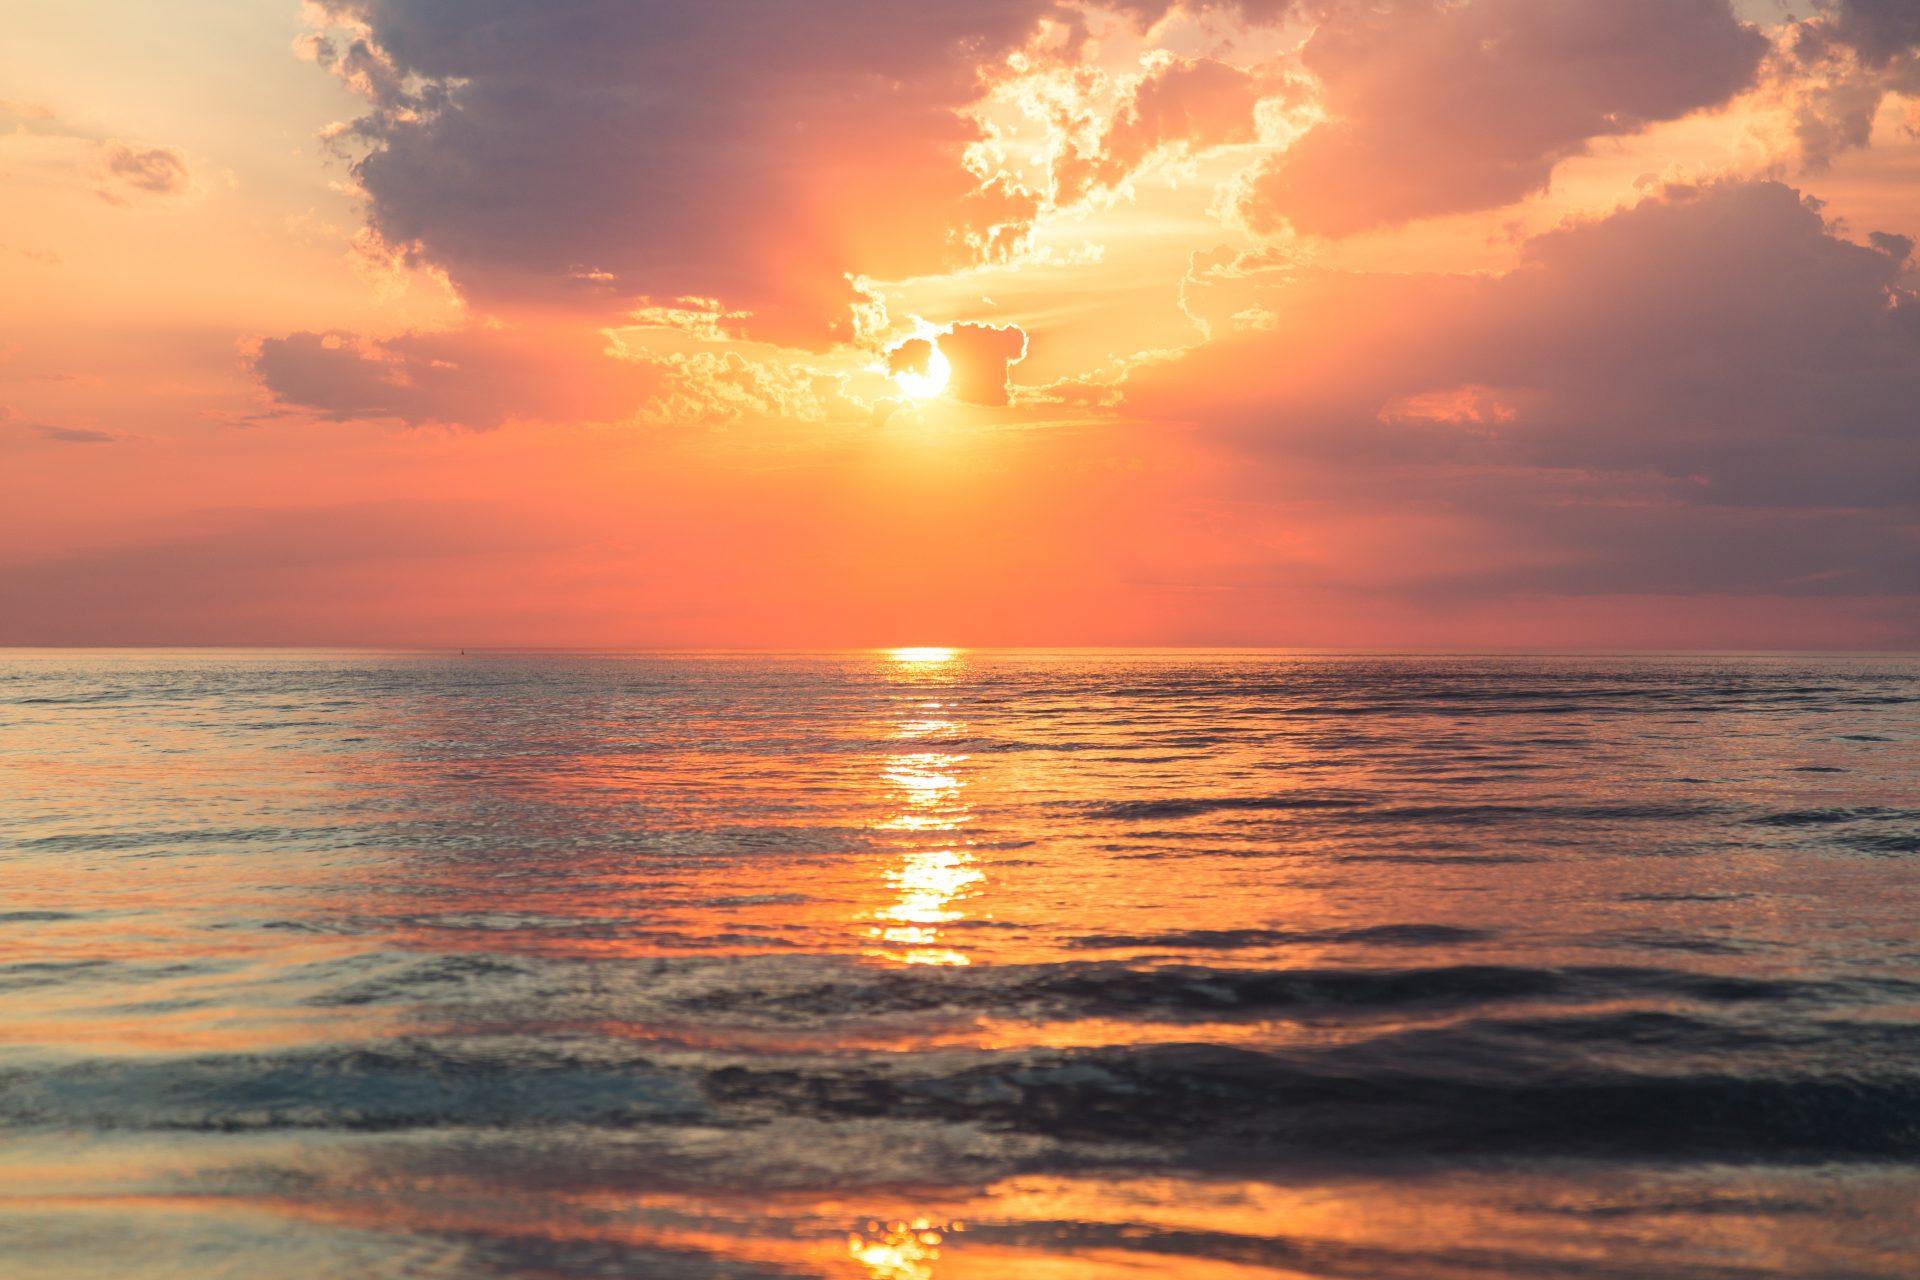 tramonto laguna